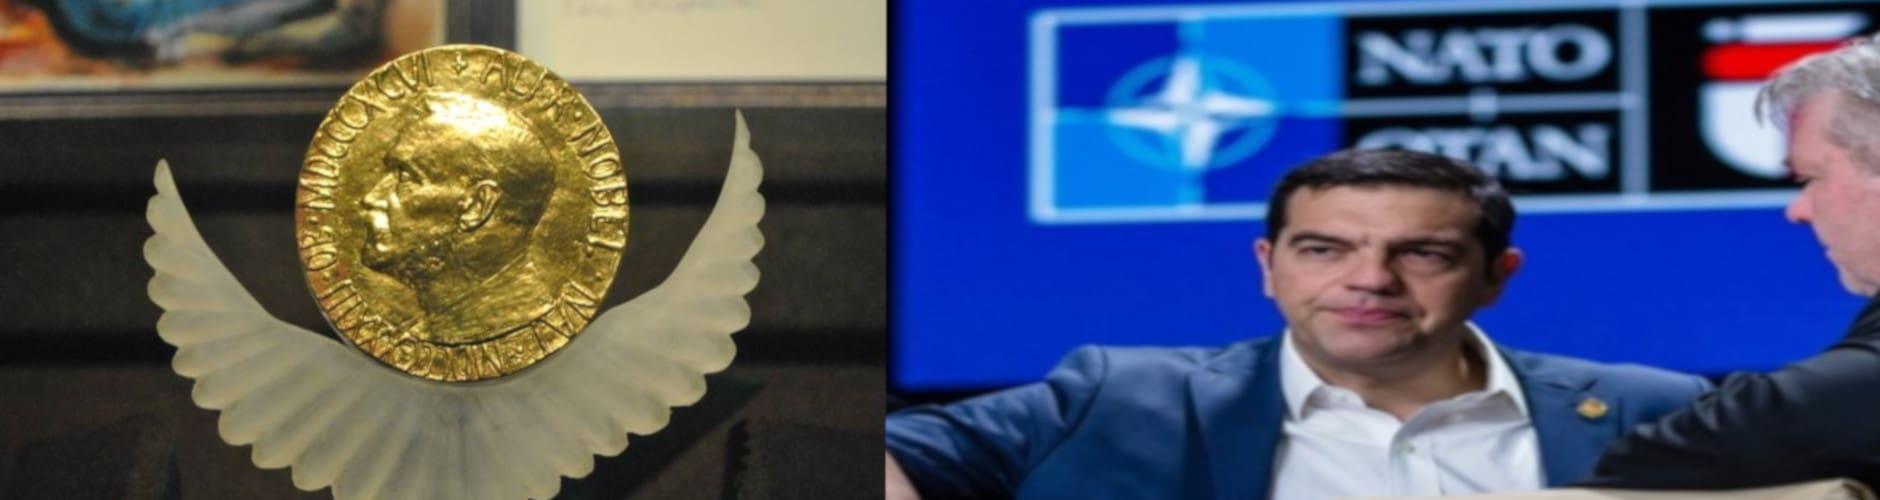 Λίστα Μπόργιανς, ΝΑΤΟ και Νόμπελ Ειρήνης στον Τσίπρα